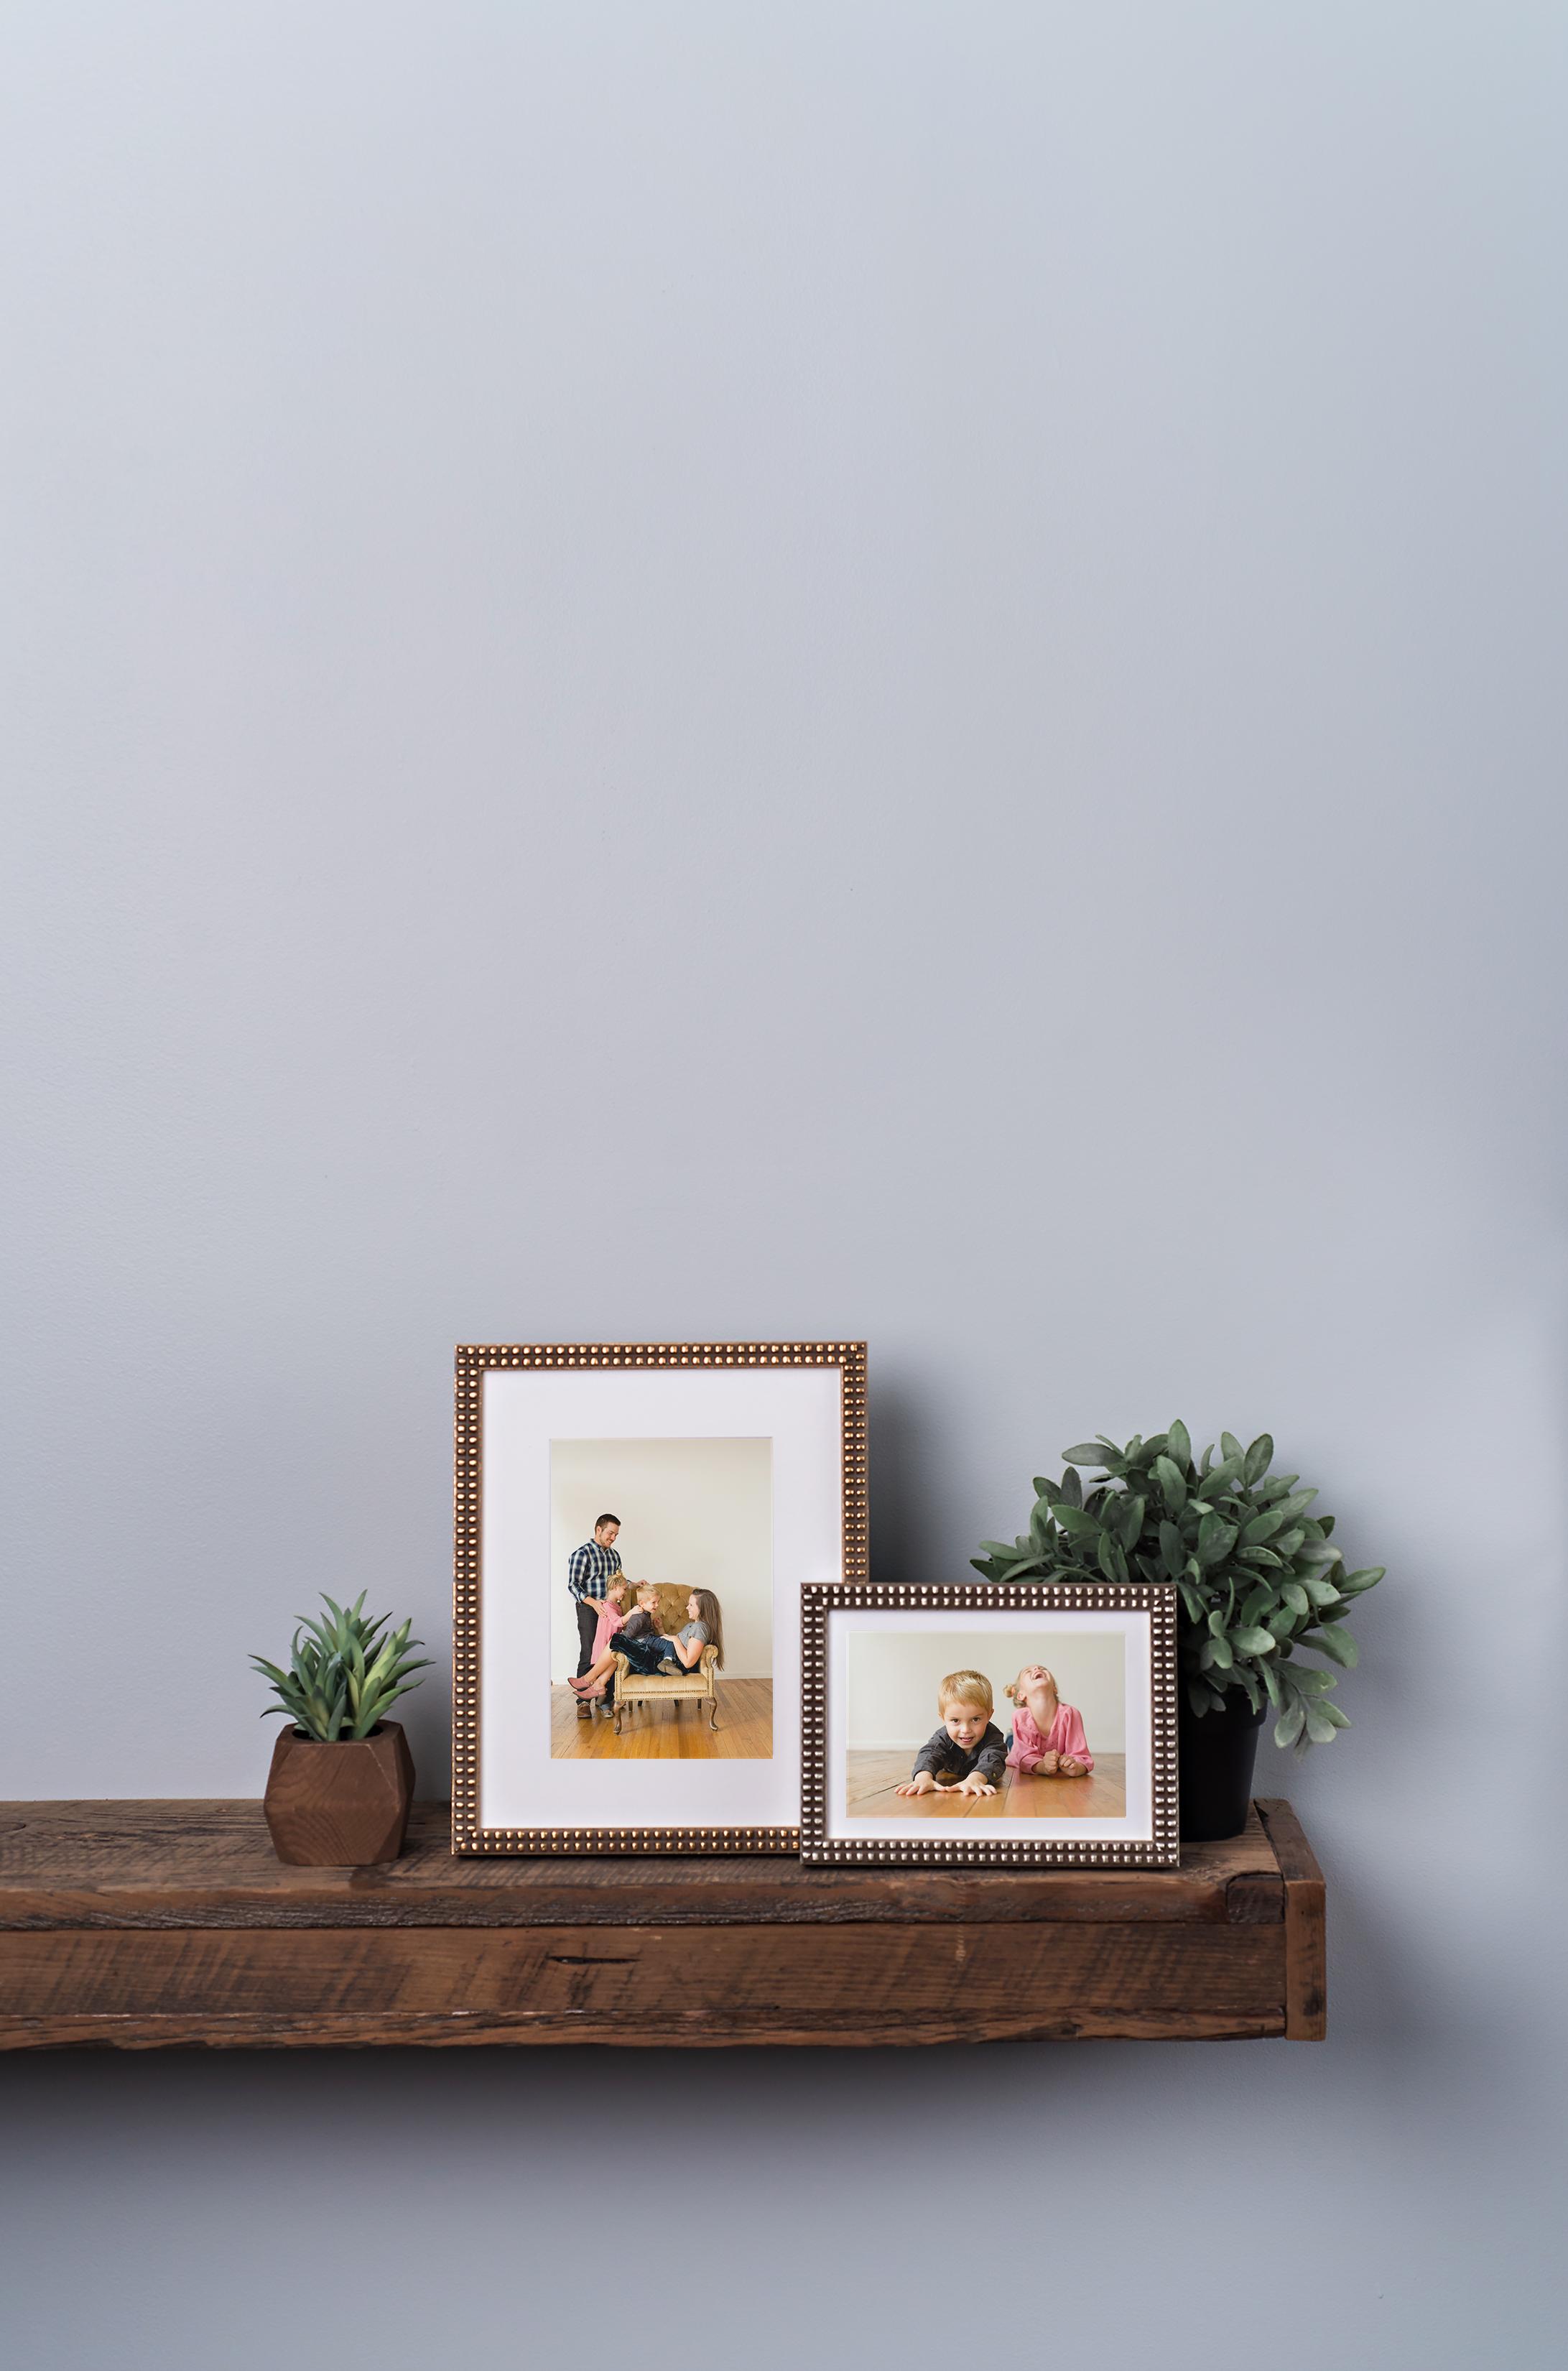 family frame with mat.jpg